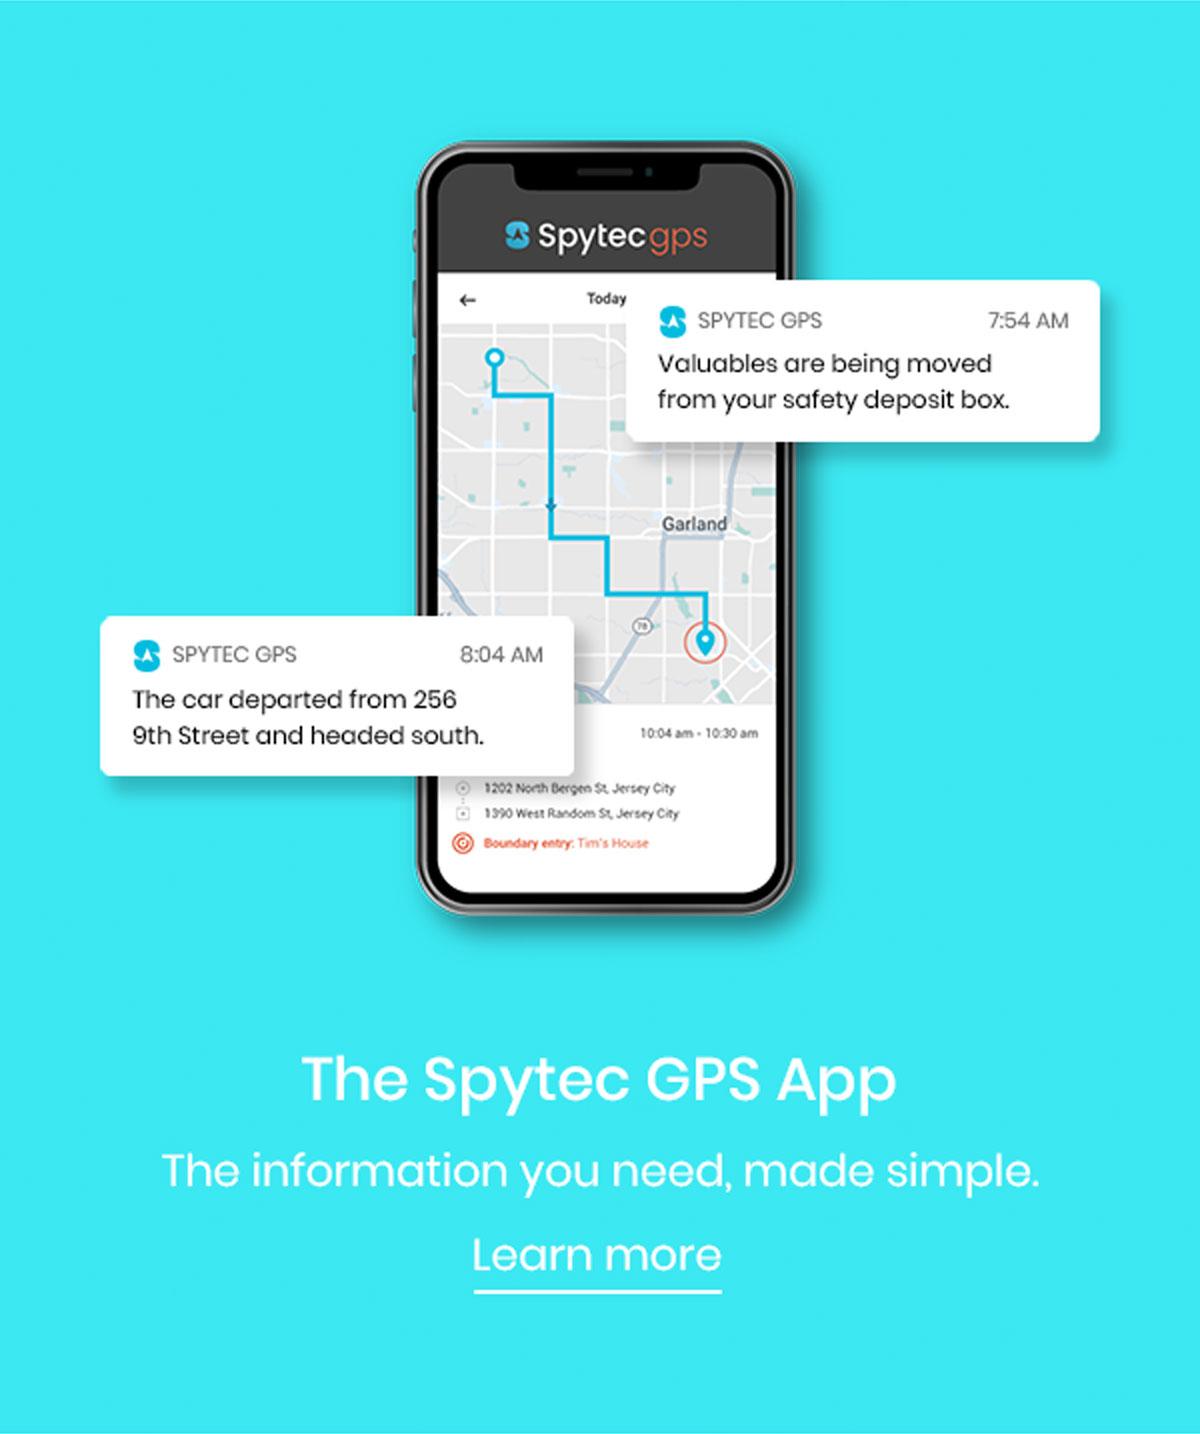 Spytec_WelcomeSeries_BrandEmail_v2.1_06